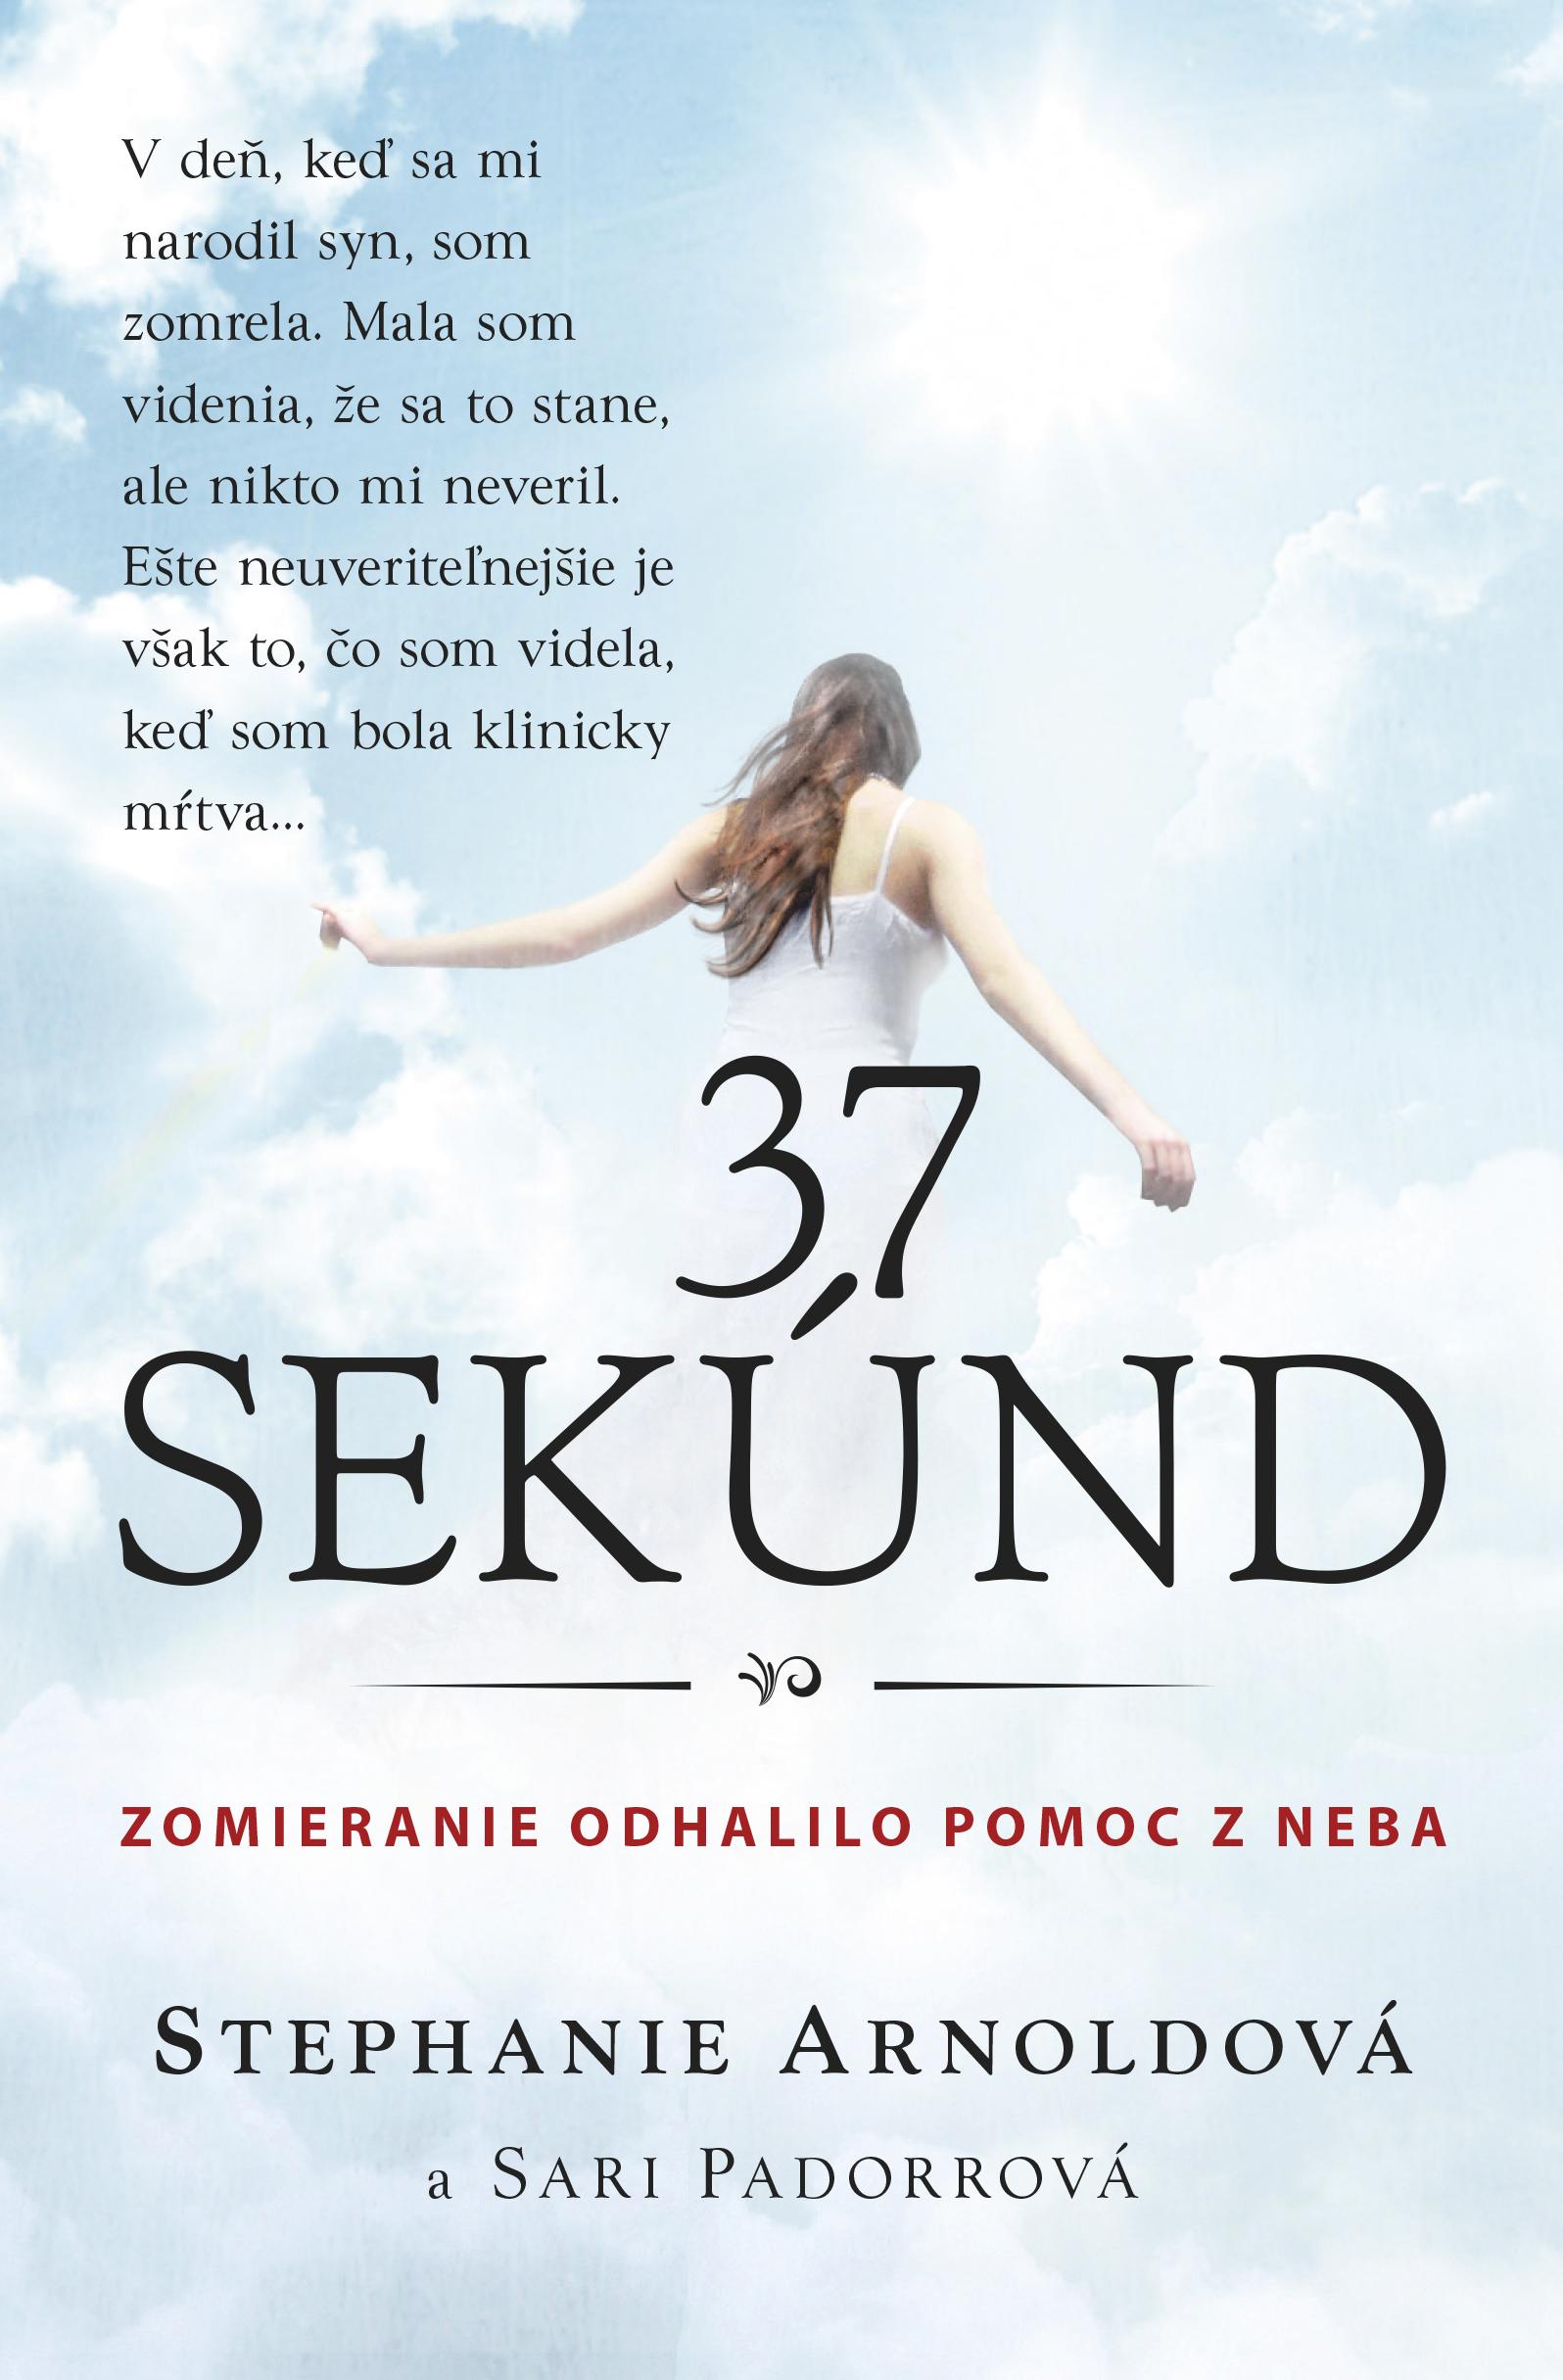 37 sekúnd - Zomieranie odhalilo pomoc z neba